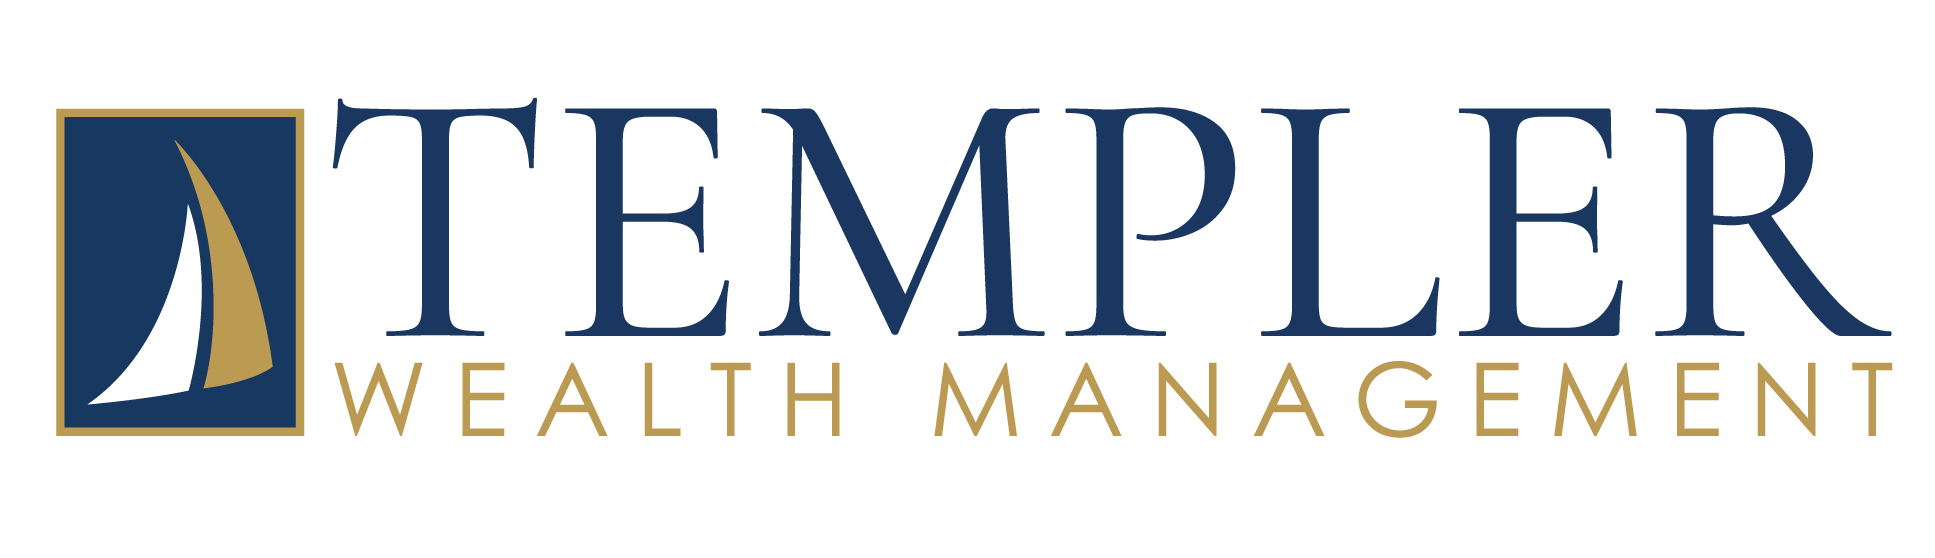 Templer Wealth Management logo